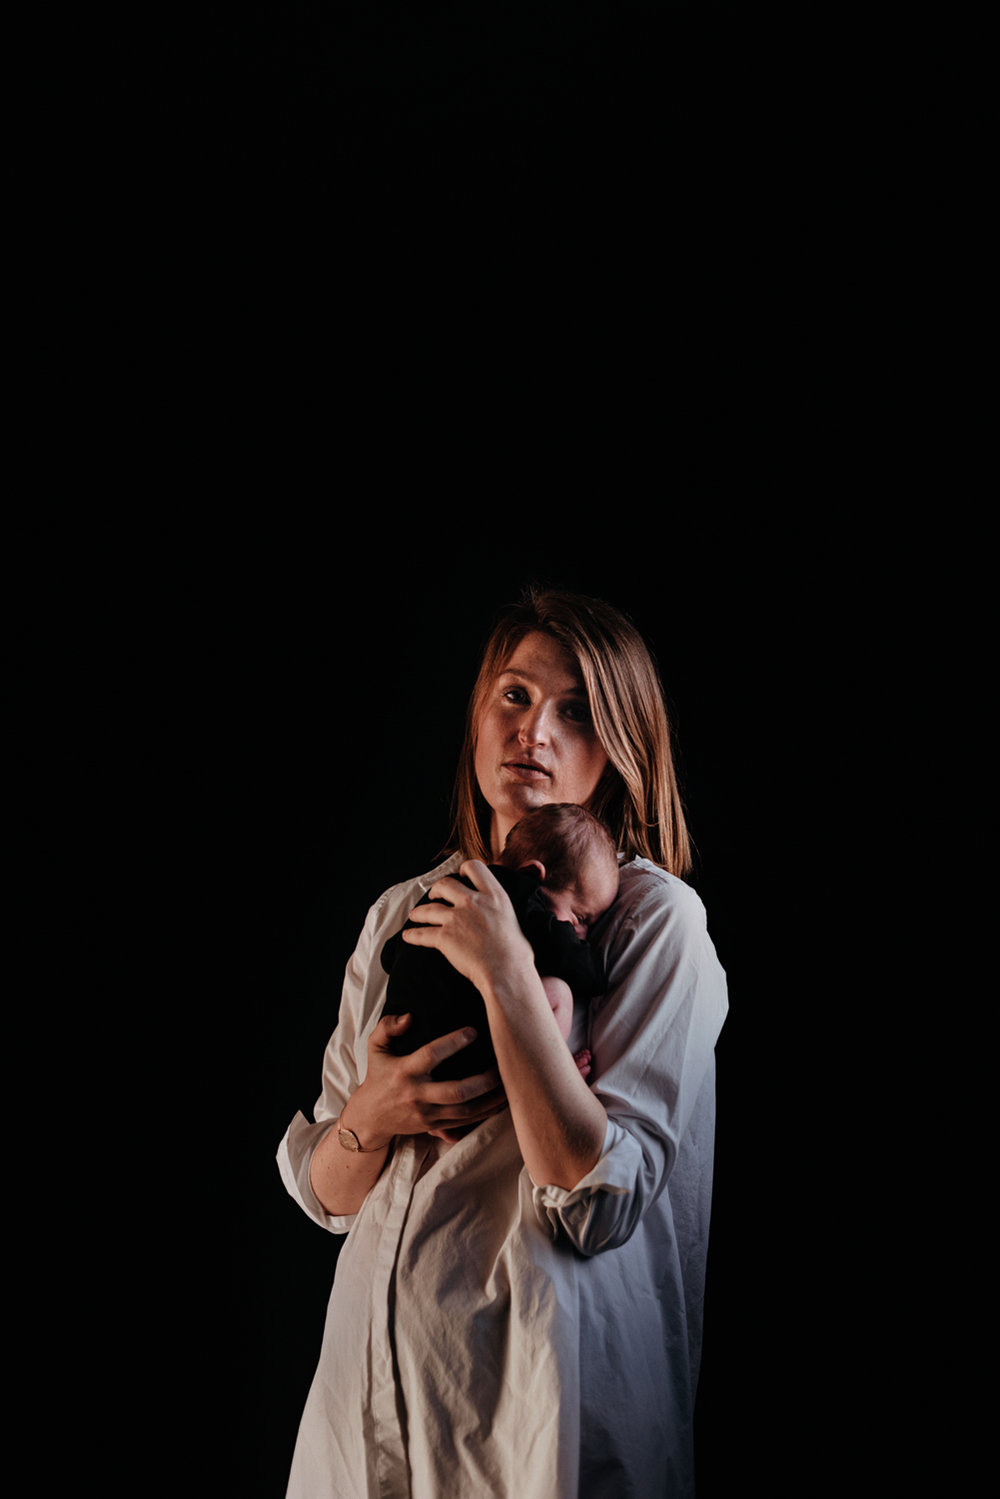 I + A session nouveau-né posé SÉANCE PHOTO bébé bebe |  PHOTOGRAPHE bebe et grossesse PARIS  | FREYIA photography | photographe | nouveau-né bébé maternité grossesse future maman femme enceinte naissance allaitement_-42.jpg